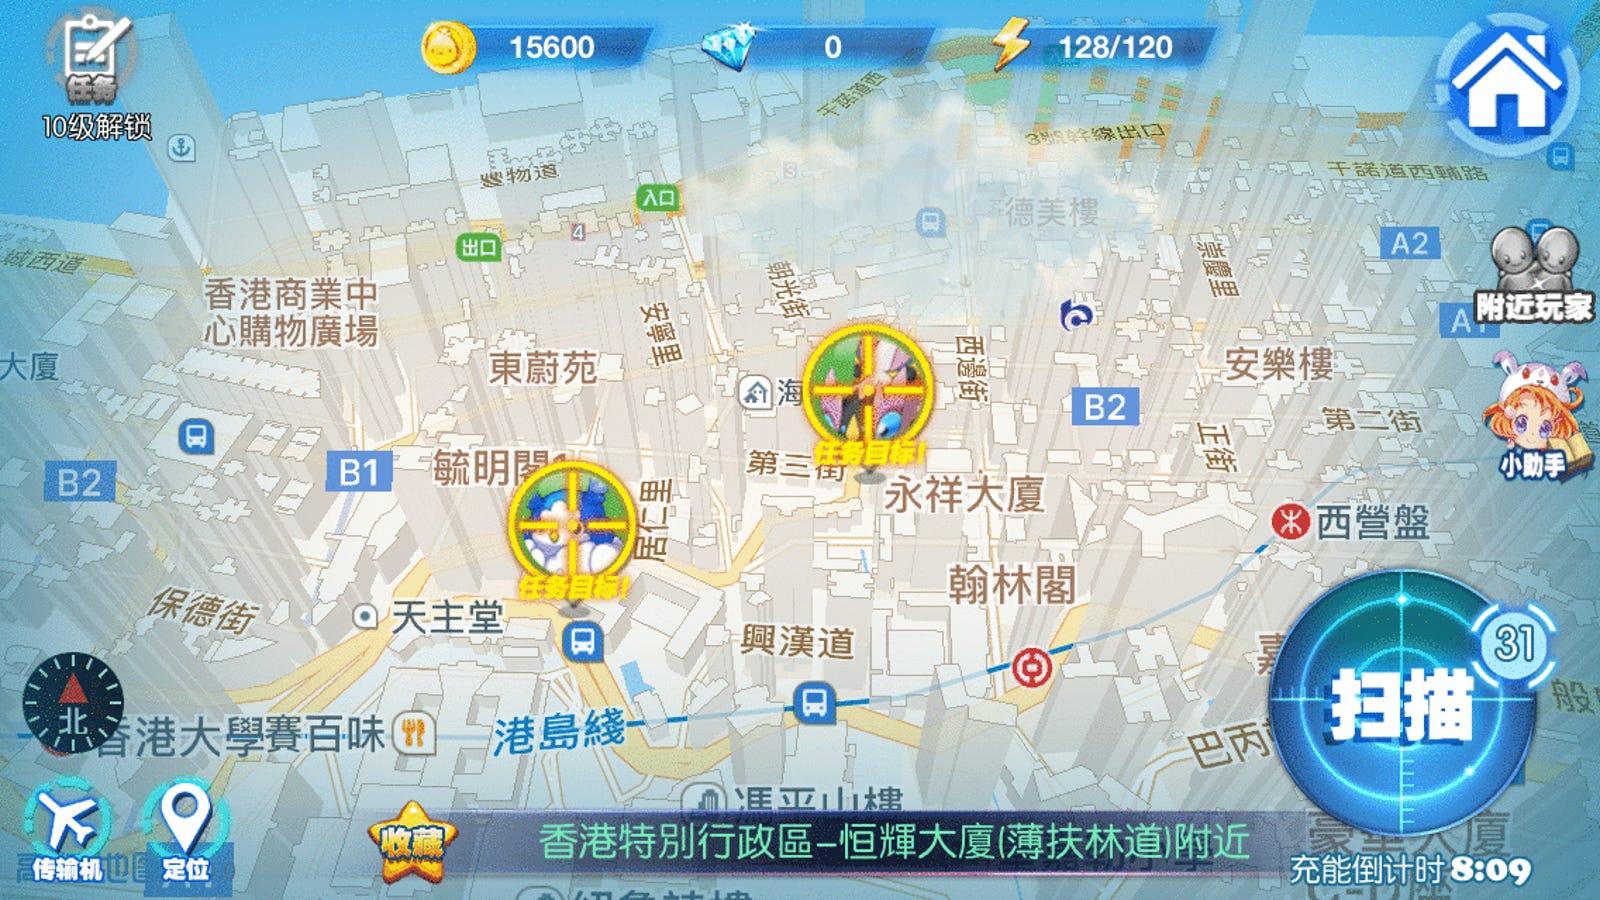 China's Version of Pokémon Go